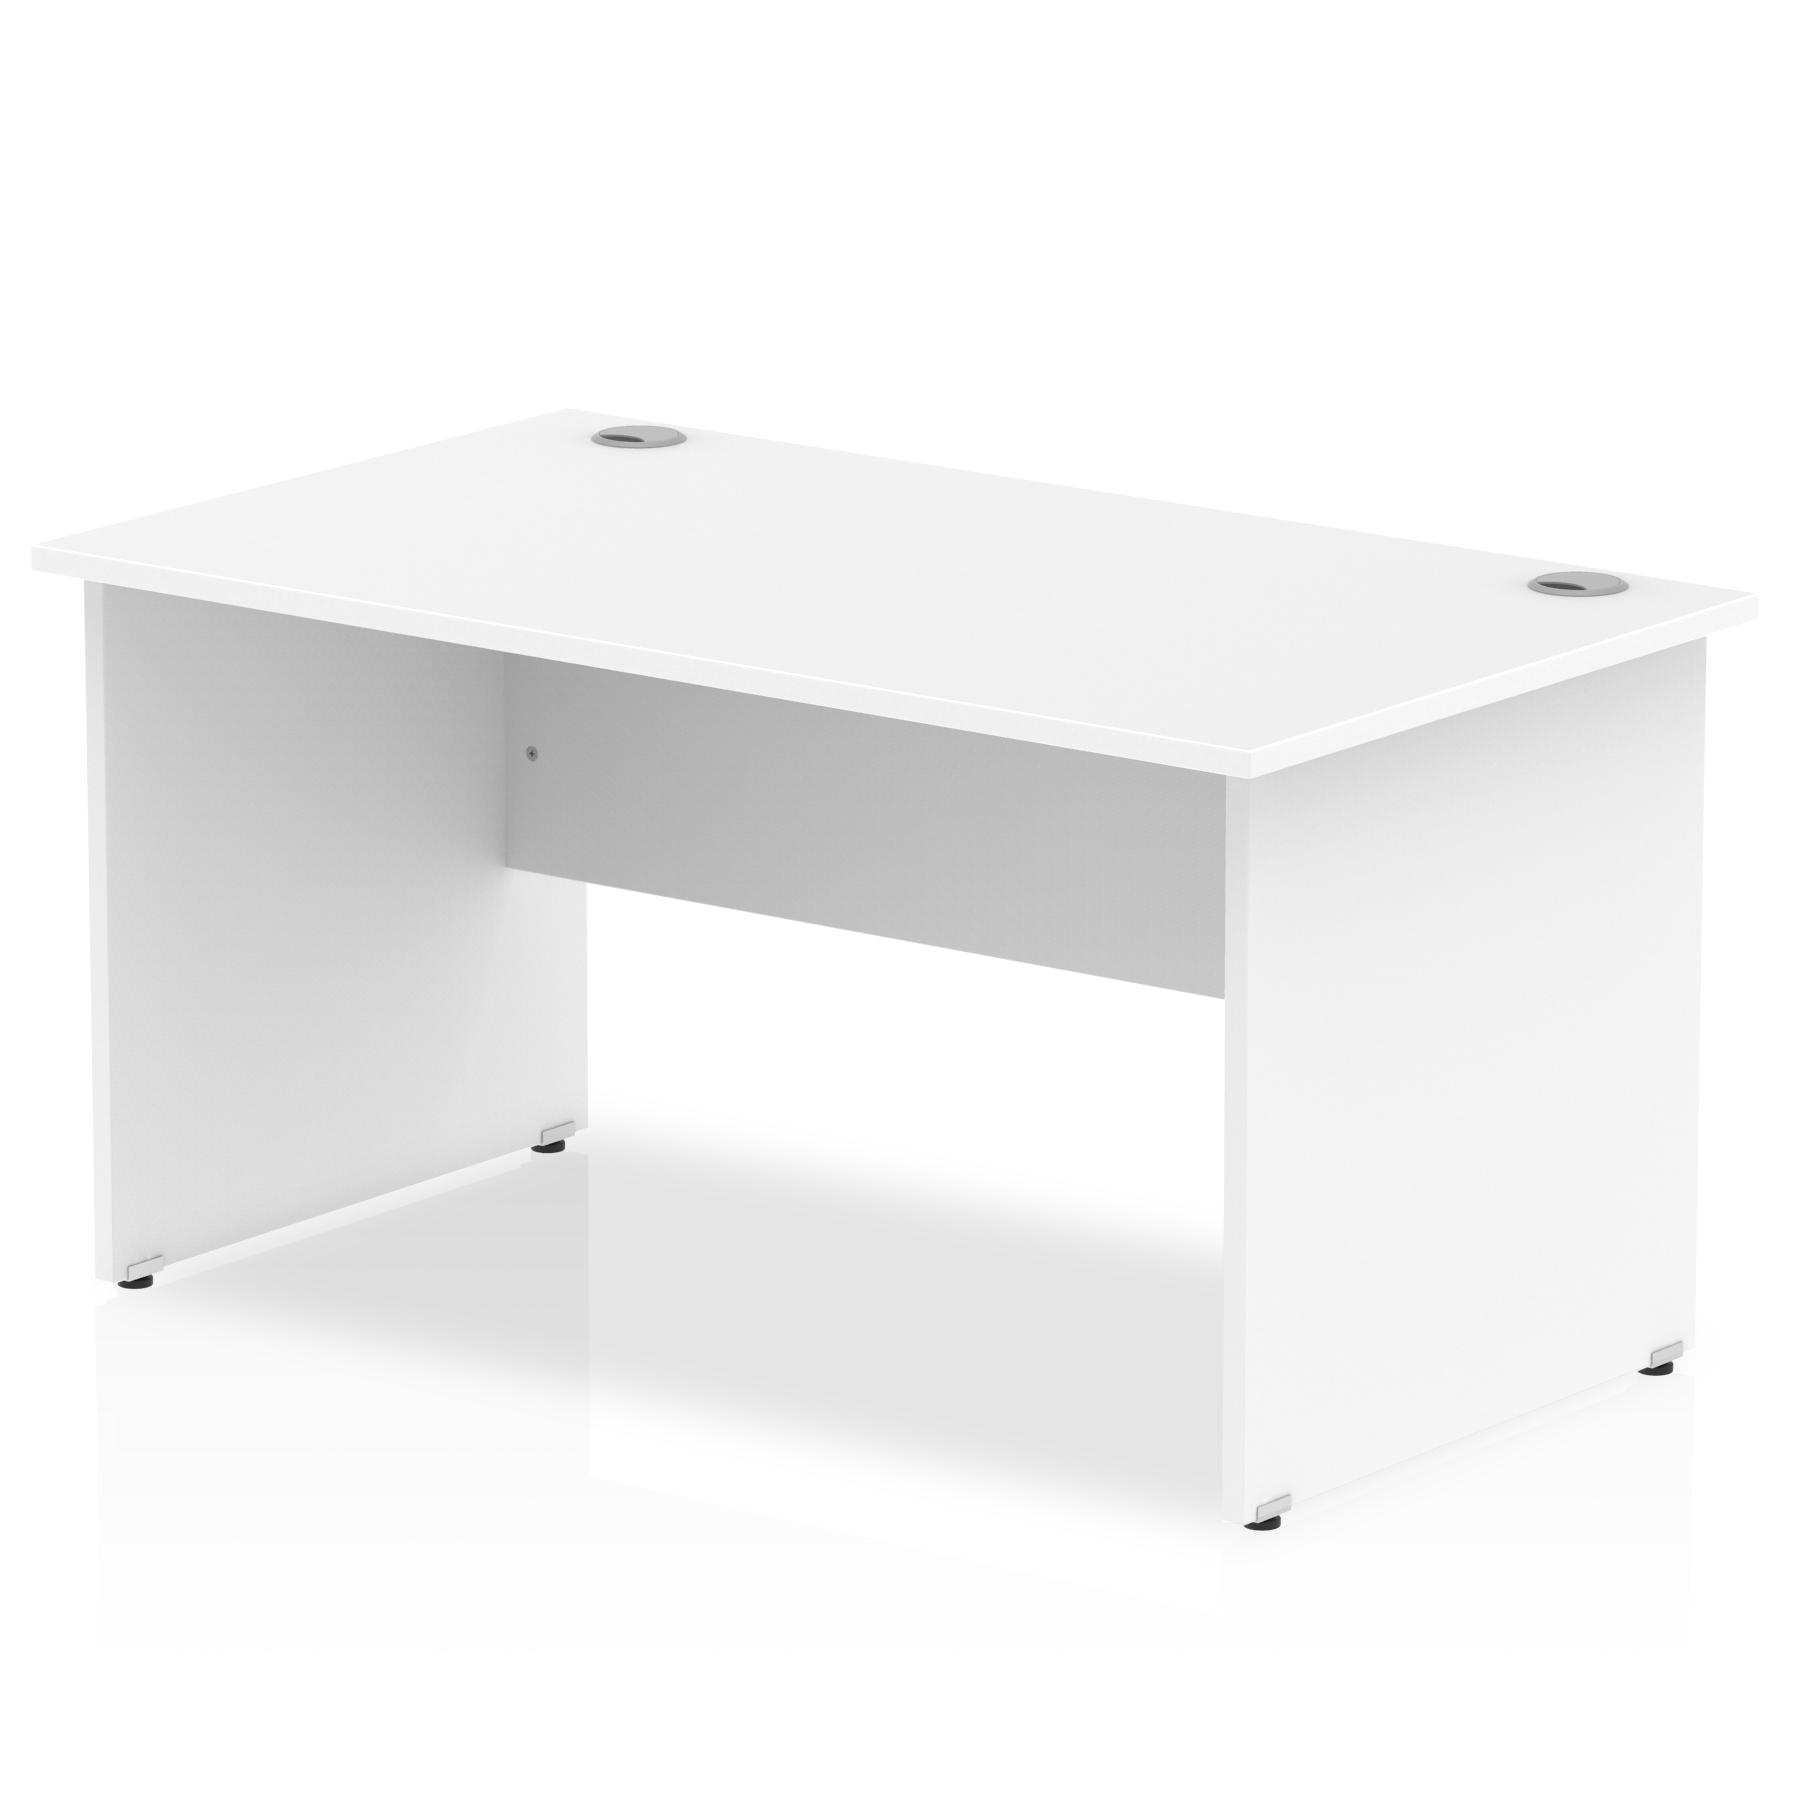 Rectangular Desks Impulse 1400 x 800mm Straight Desk White Top Panel End Leg I000394